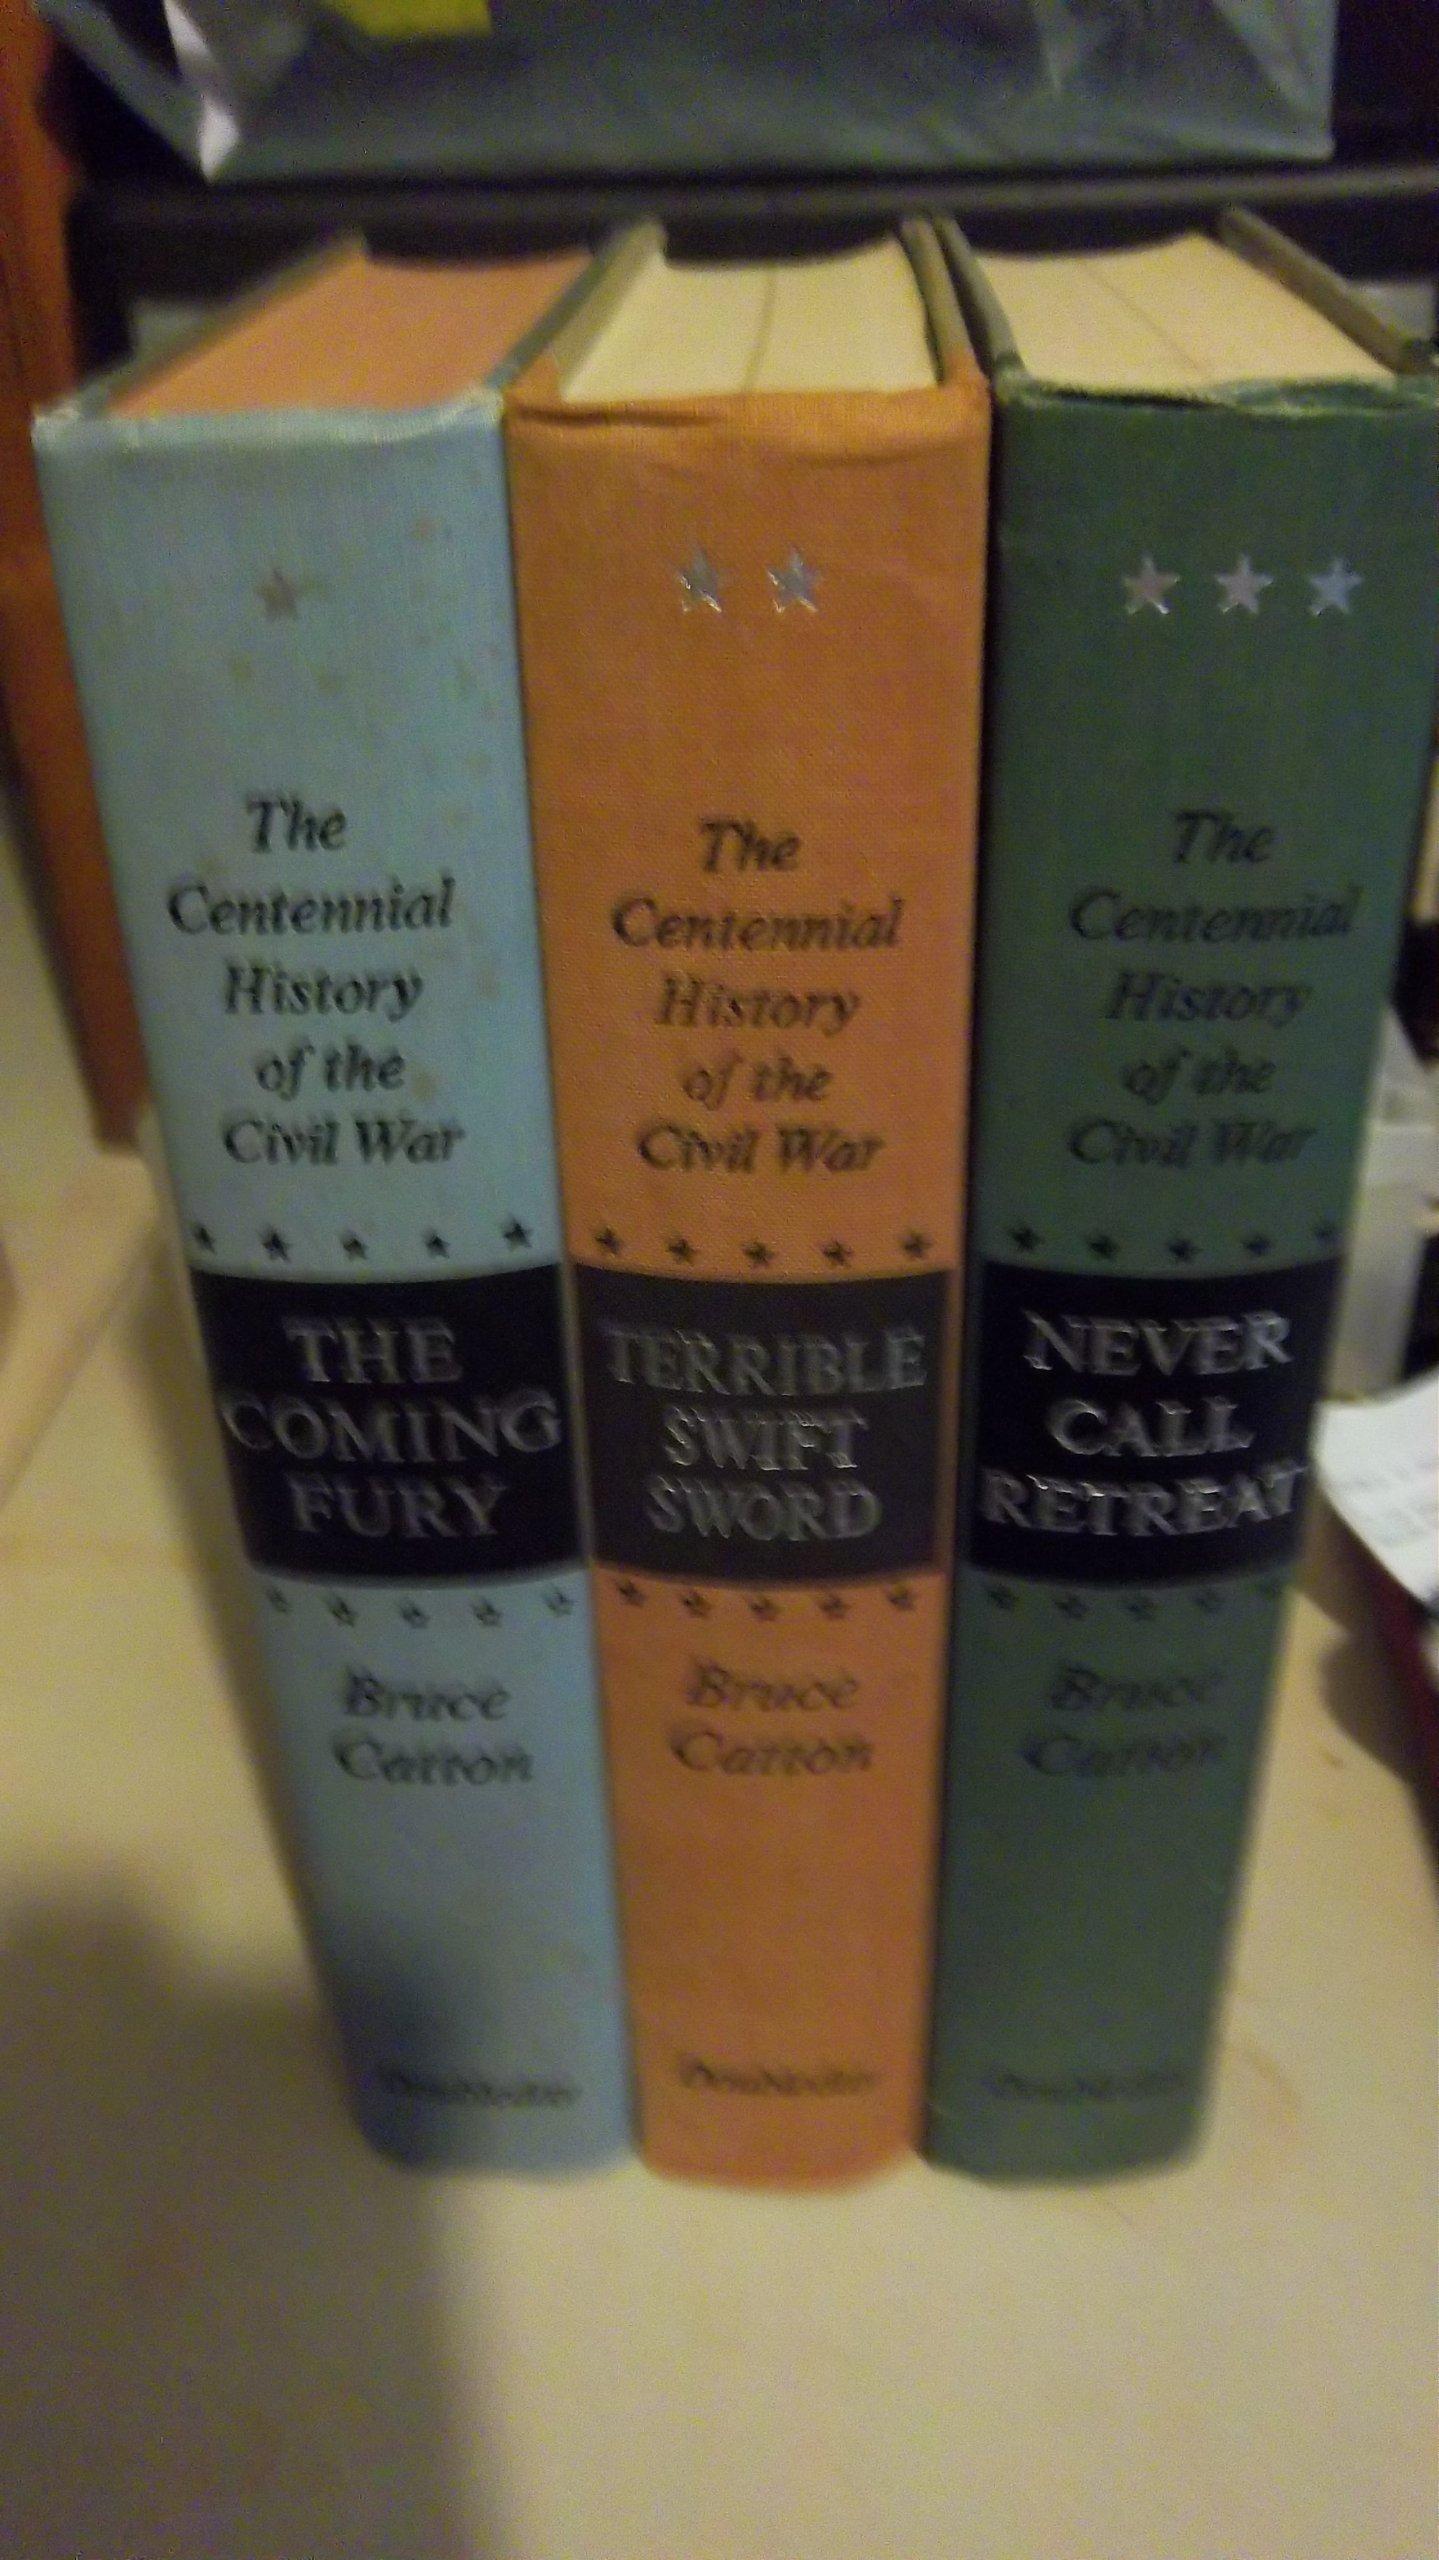 the-centennial-history-of-the-civil-war-3-vol-set-vol-i-the-coming-fury-vol-ii-terrible-swift-sword-vol-iii-never-call